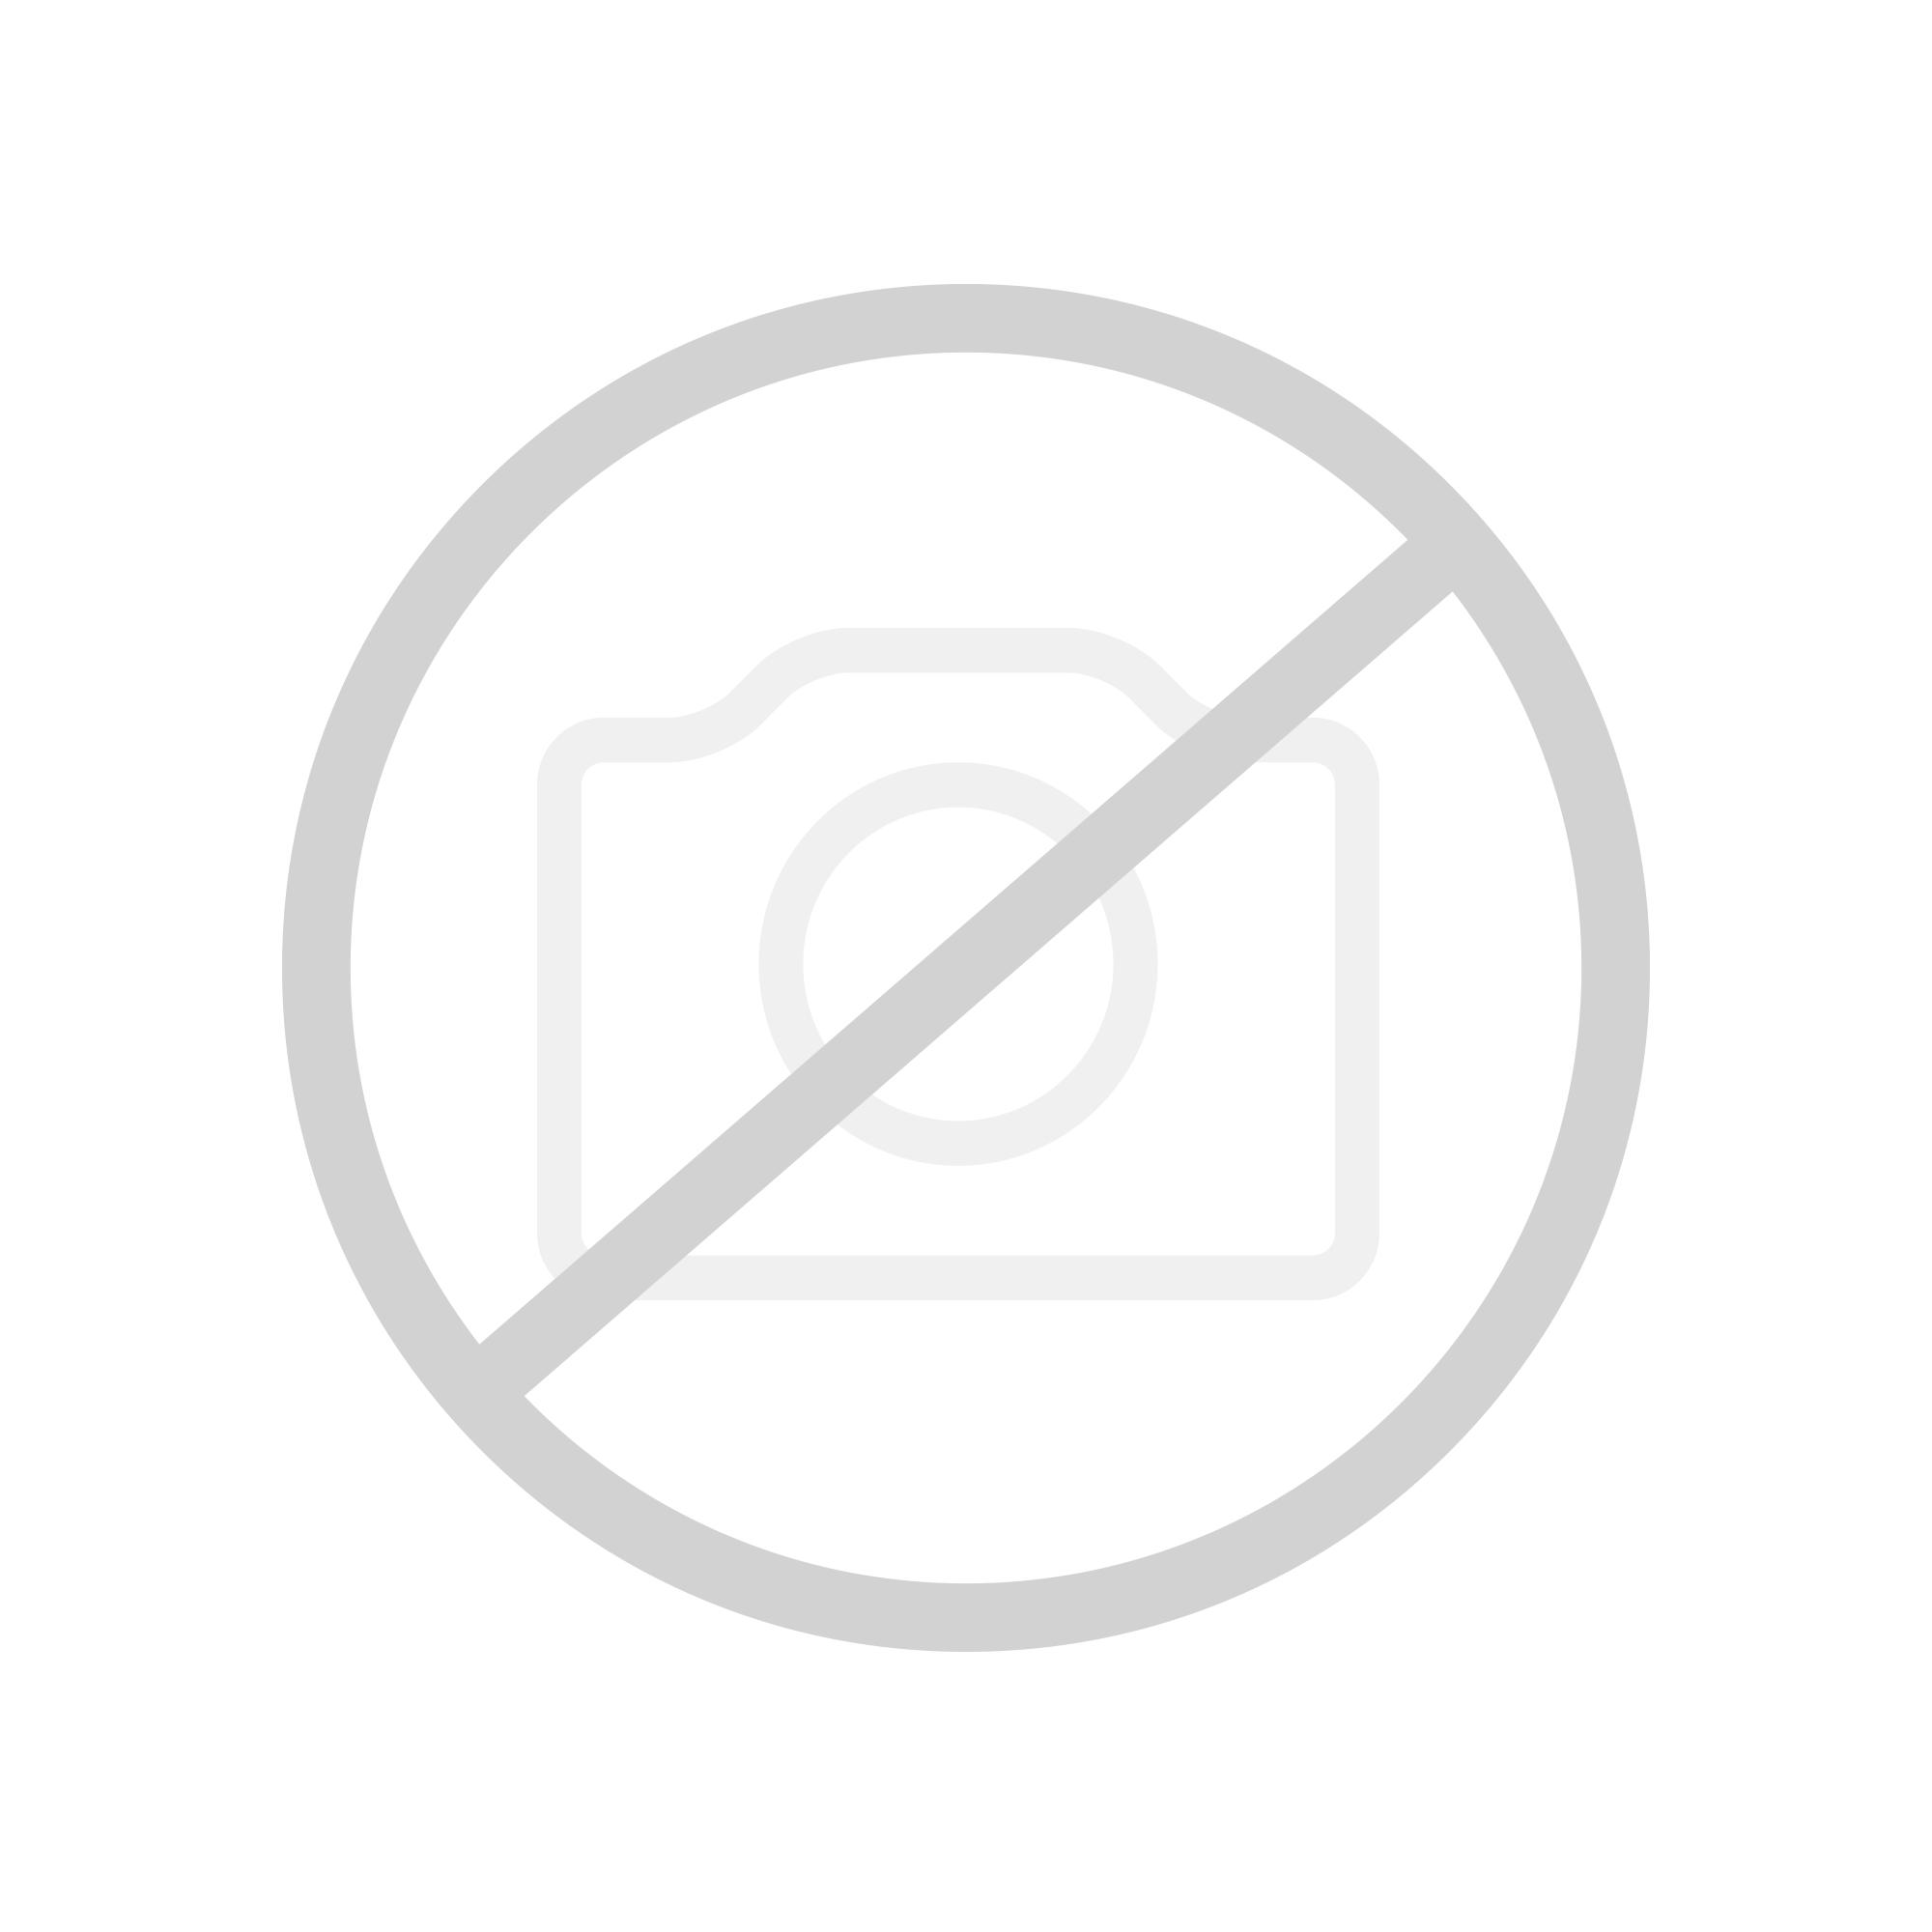 Küchendesign: Spülbecken und ihre Einbauarten | REUTER Magazin